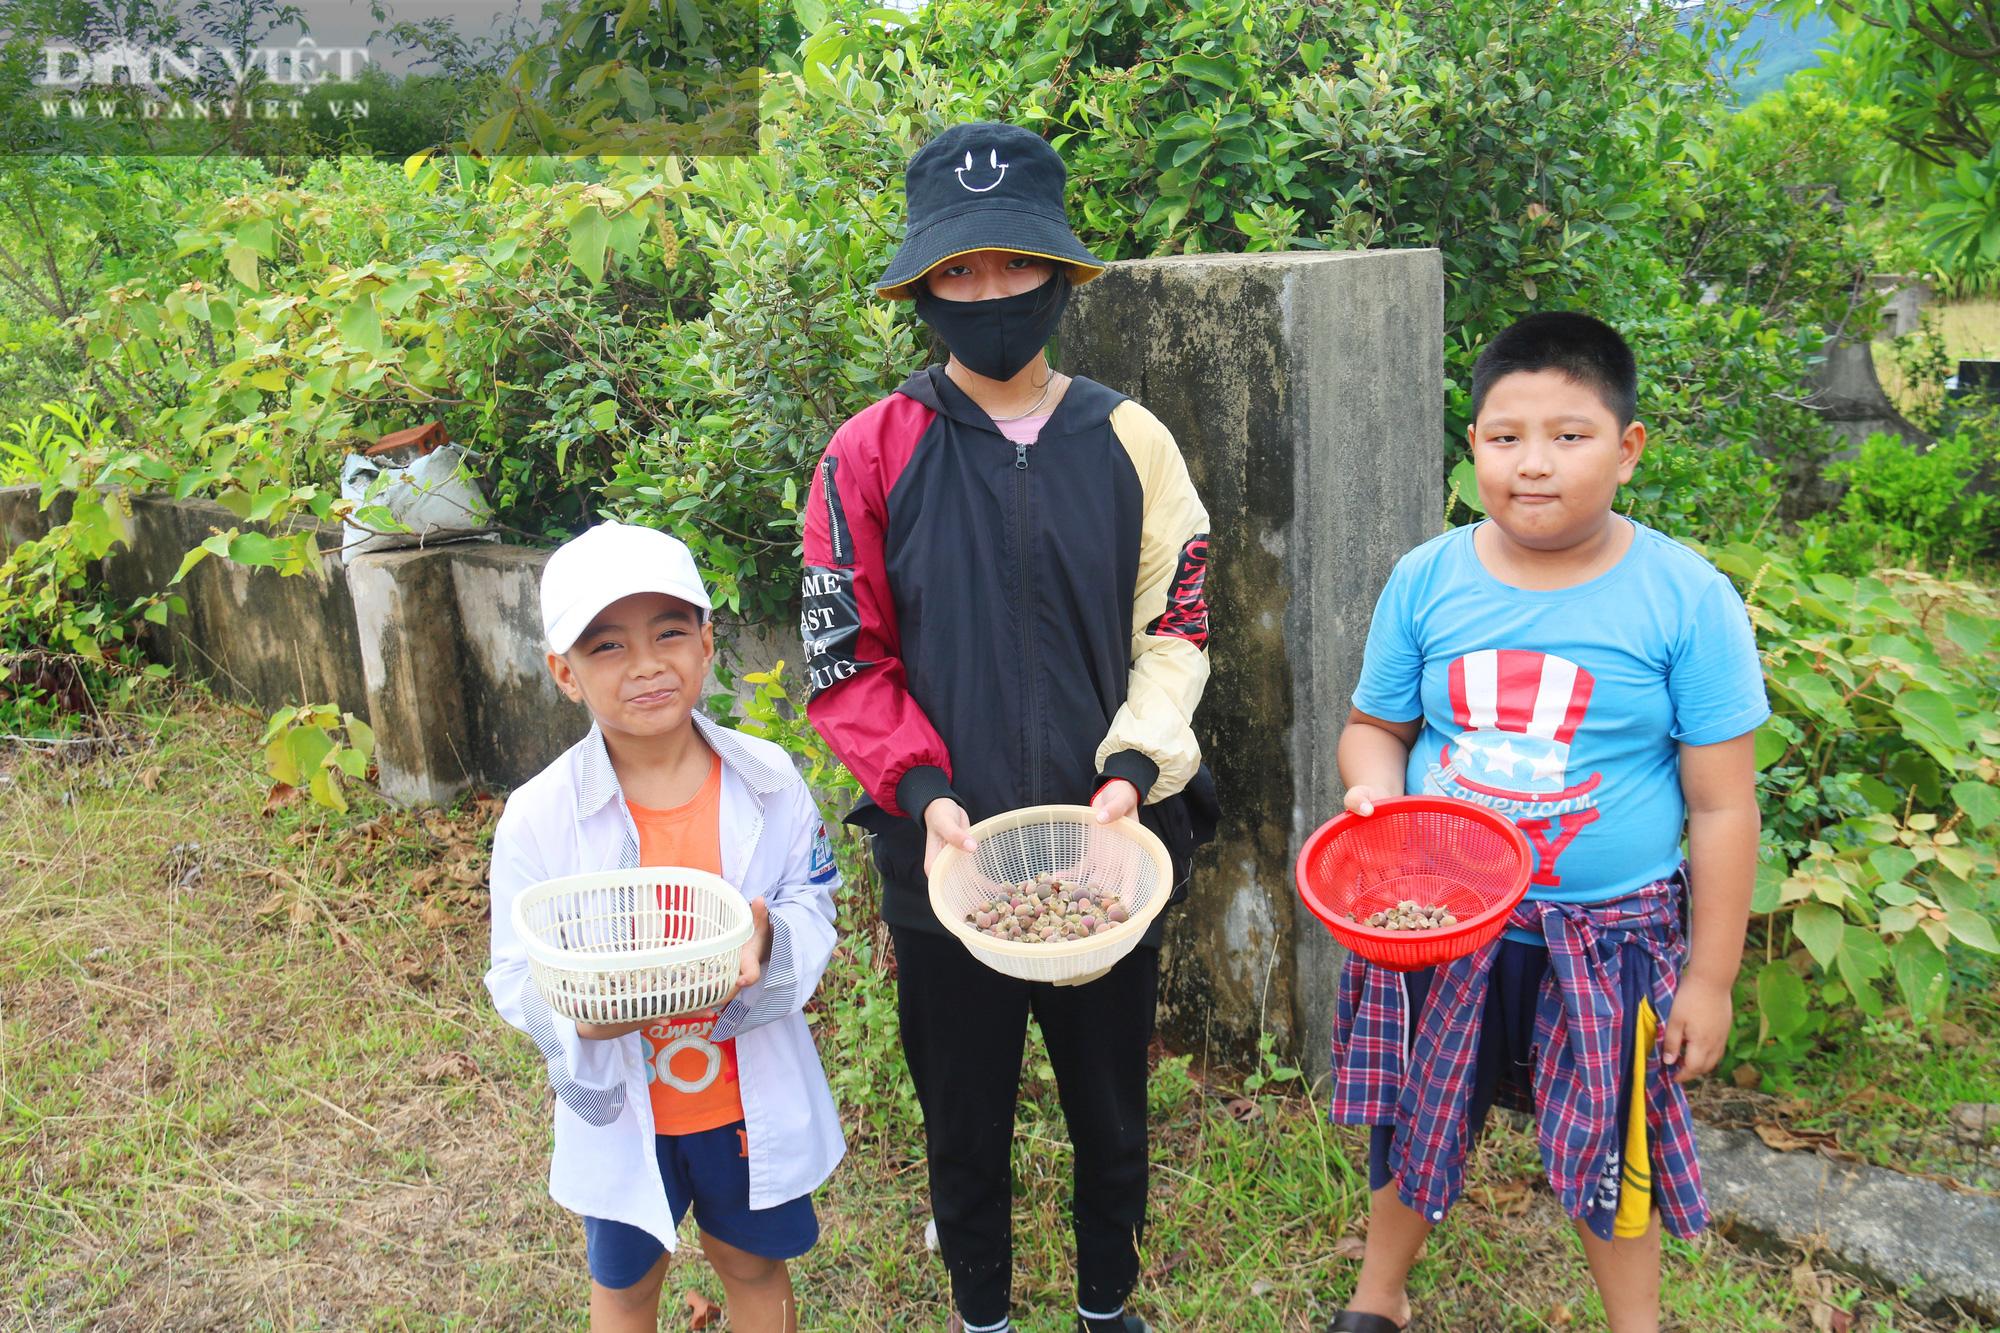 Hà Tĩnh: Người dân đổ xô lên đồi hái sim rừng, kiếm tiền triệu mỗi ngày - Ảnh 12.